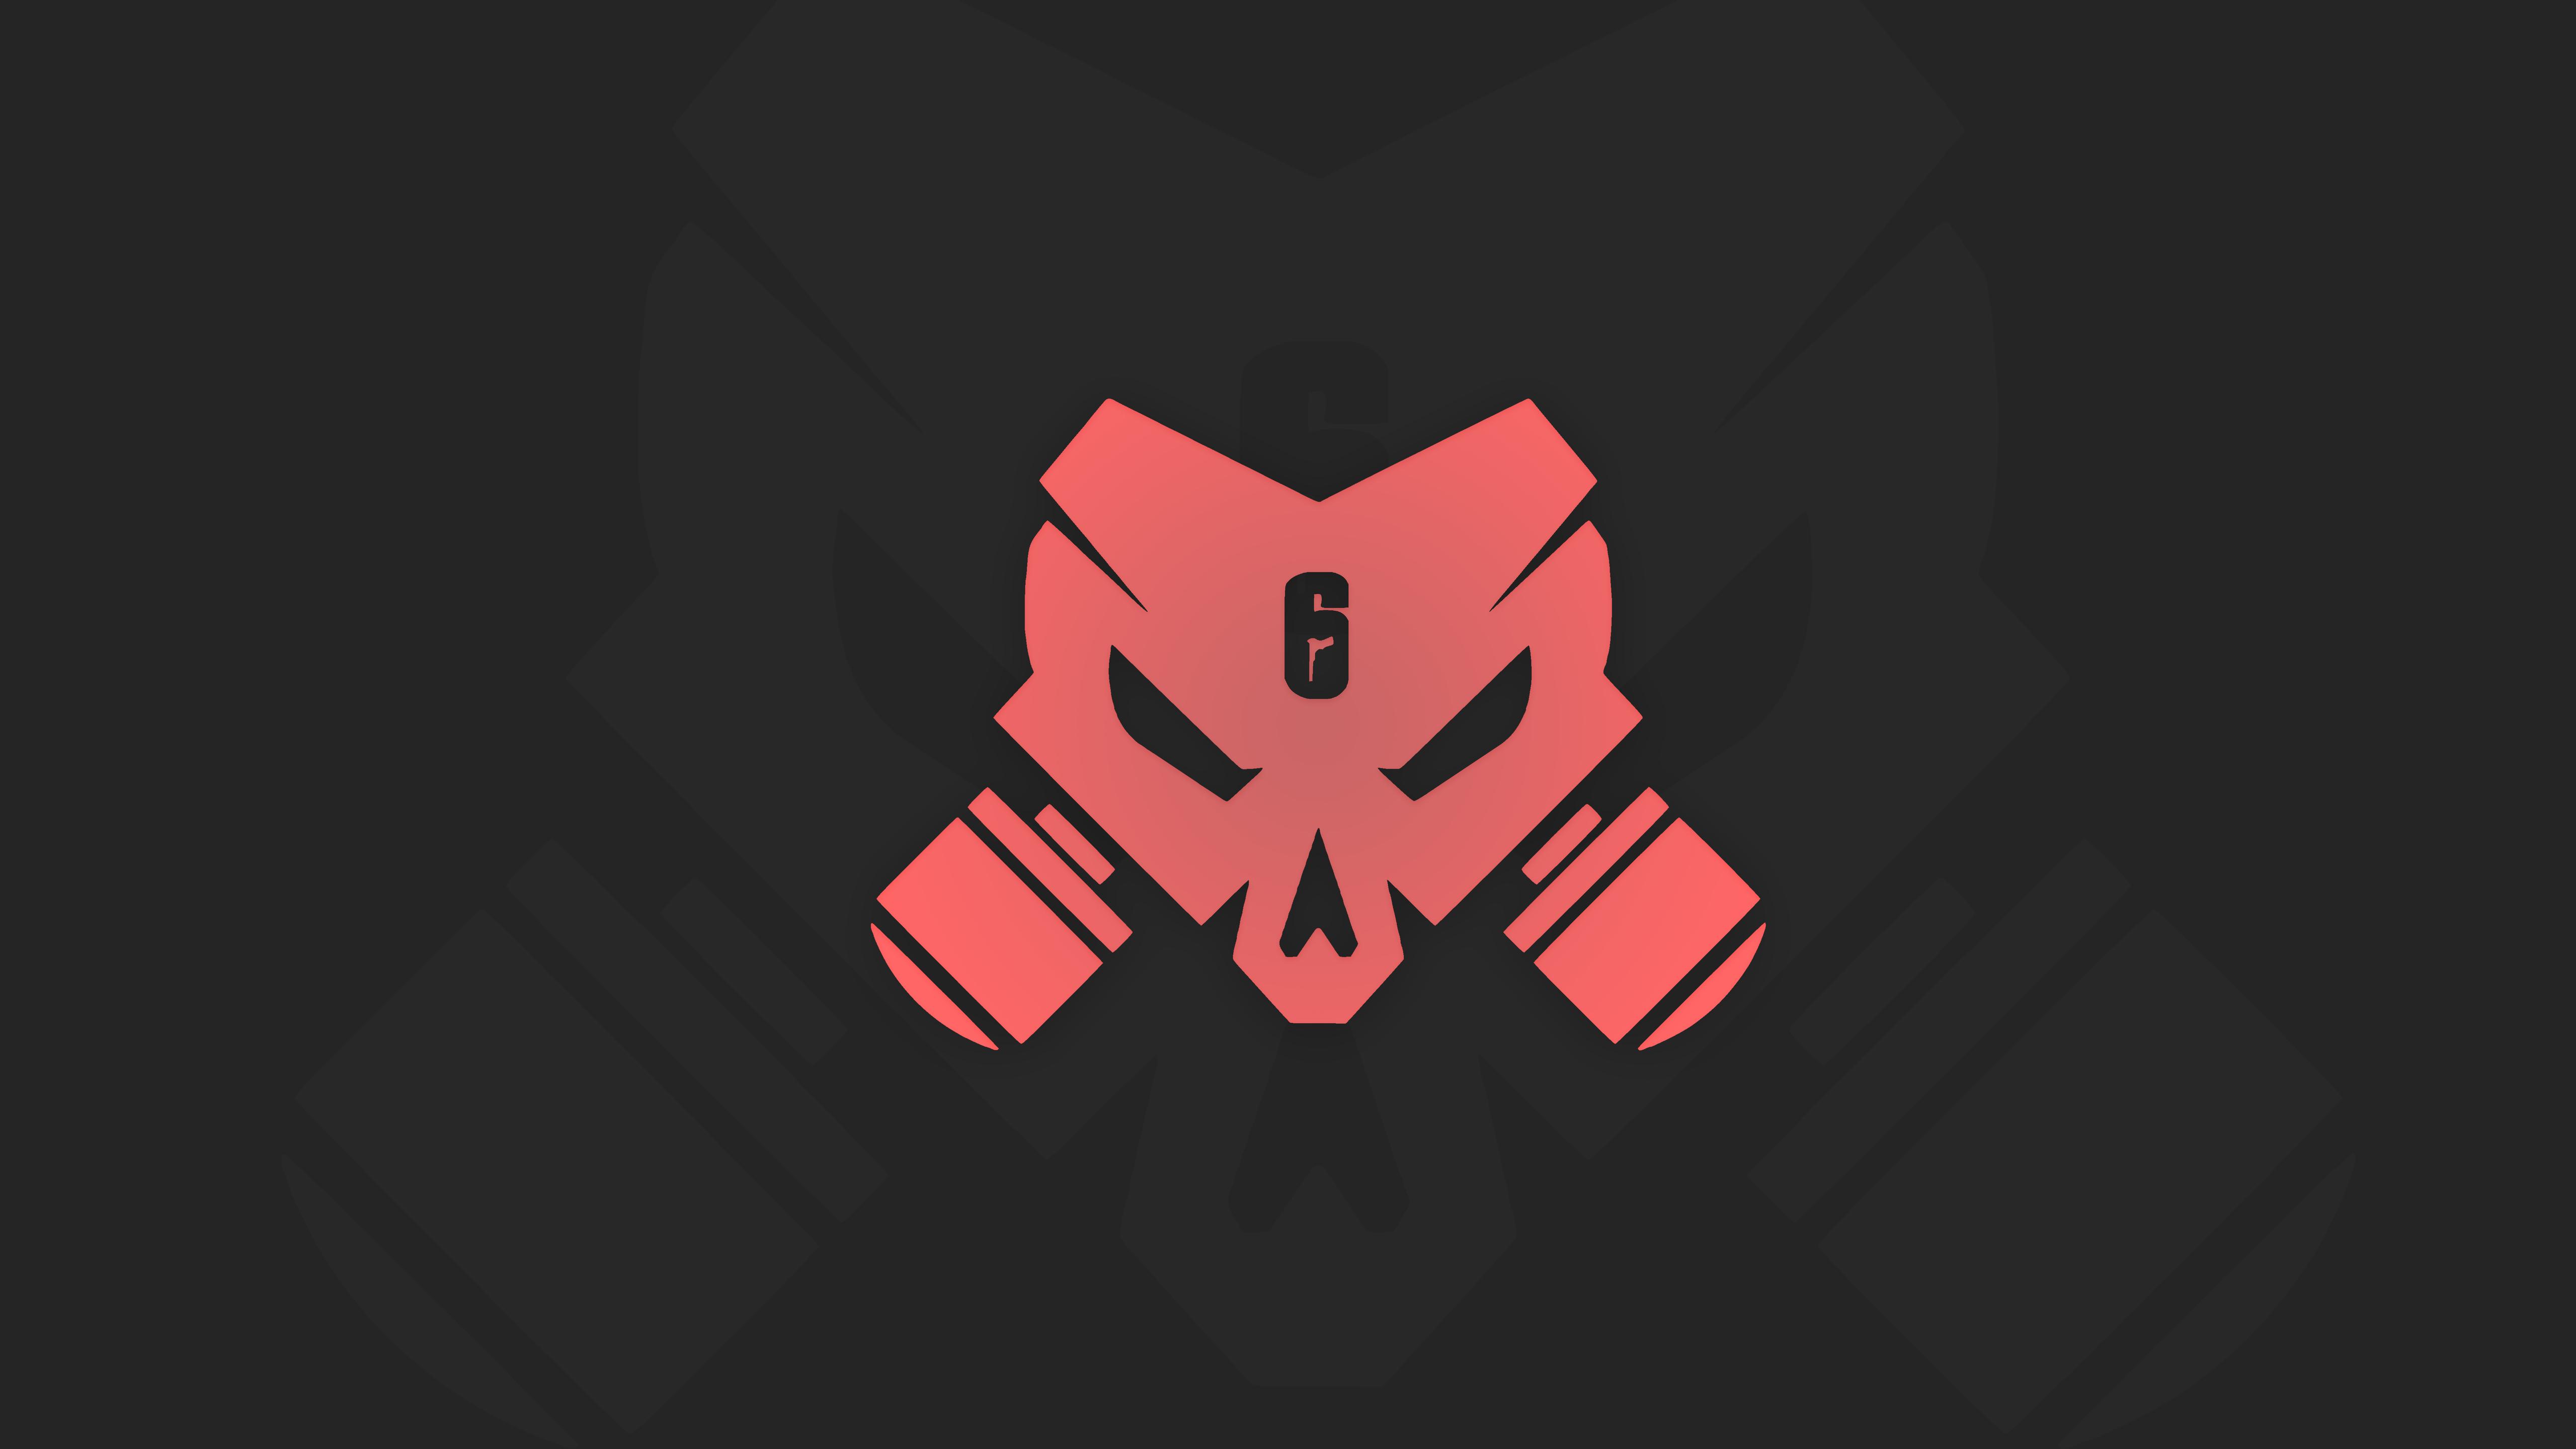 tom-clancys-rainbow-six-siege-outbreak-logo-minimal-12k-re.jpg